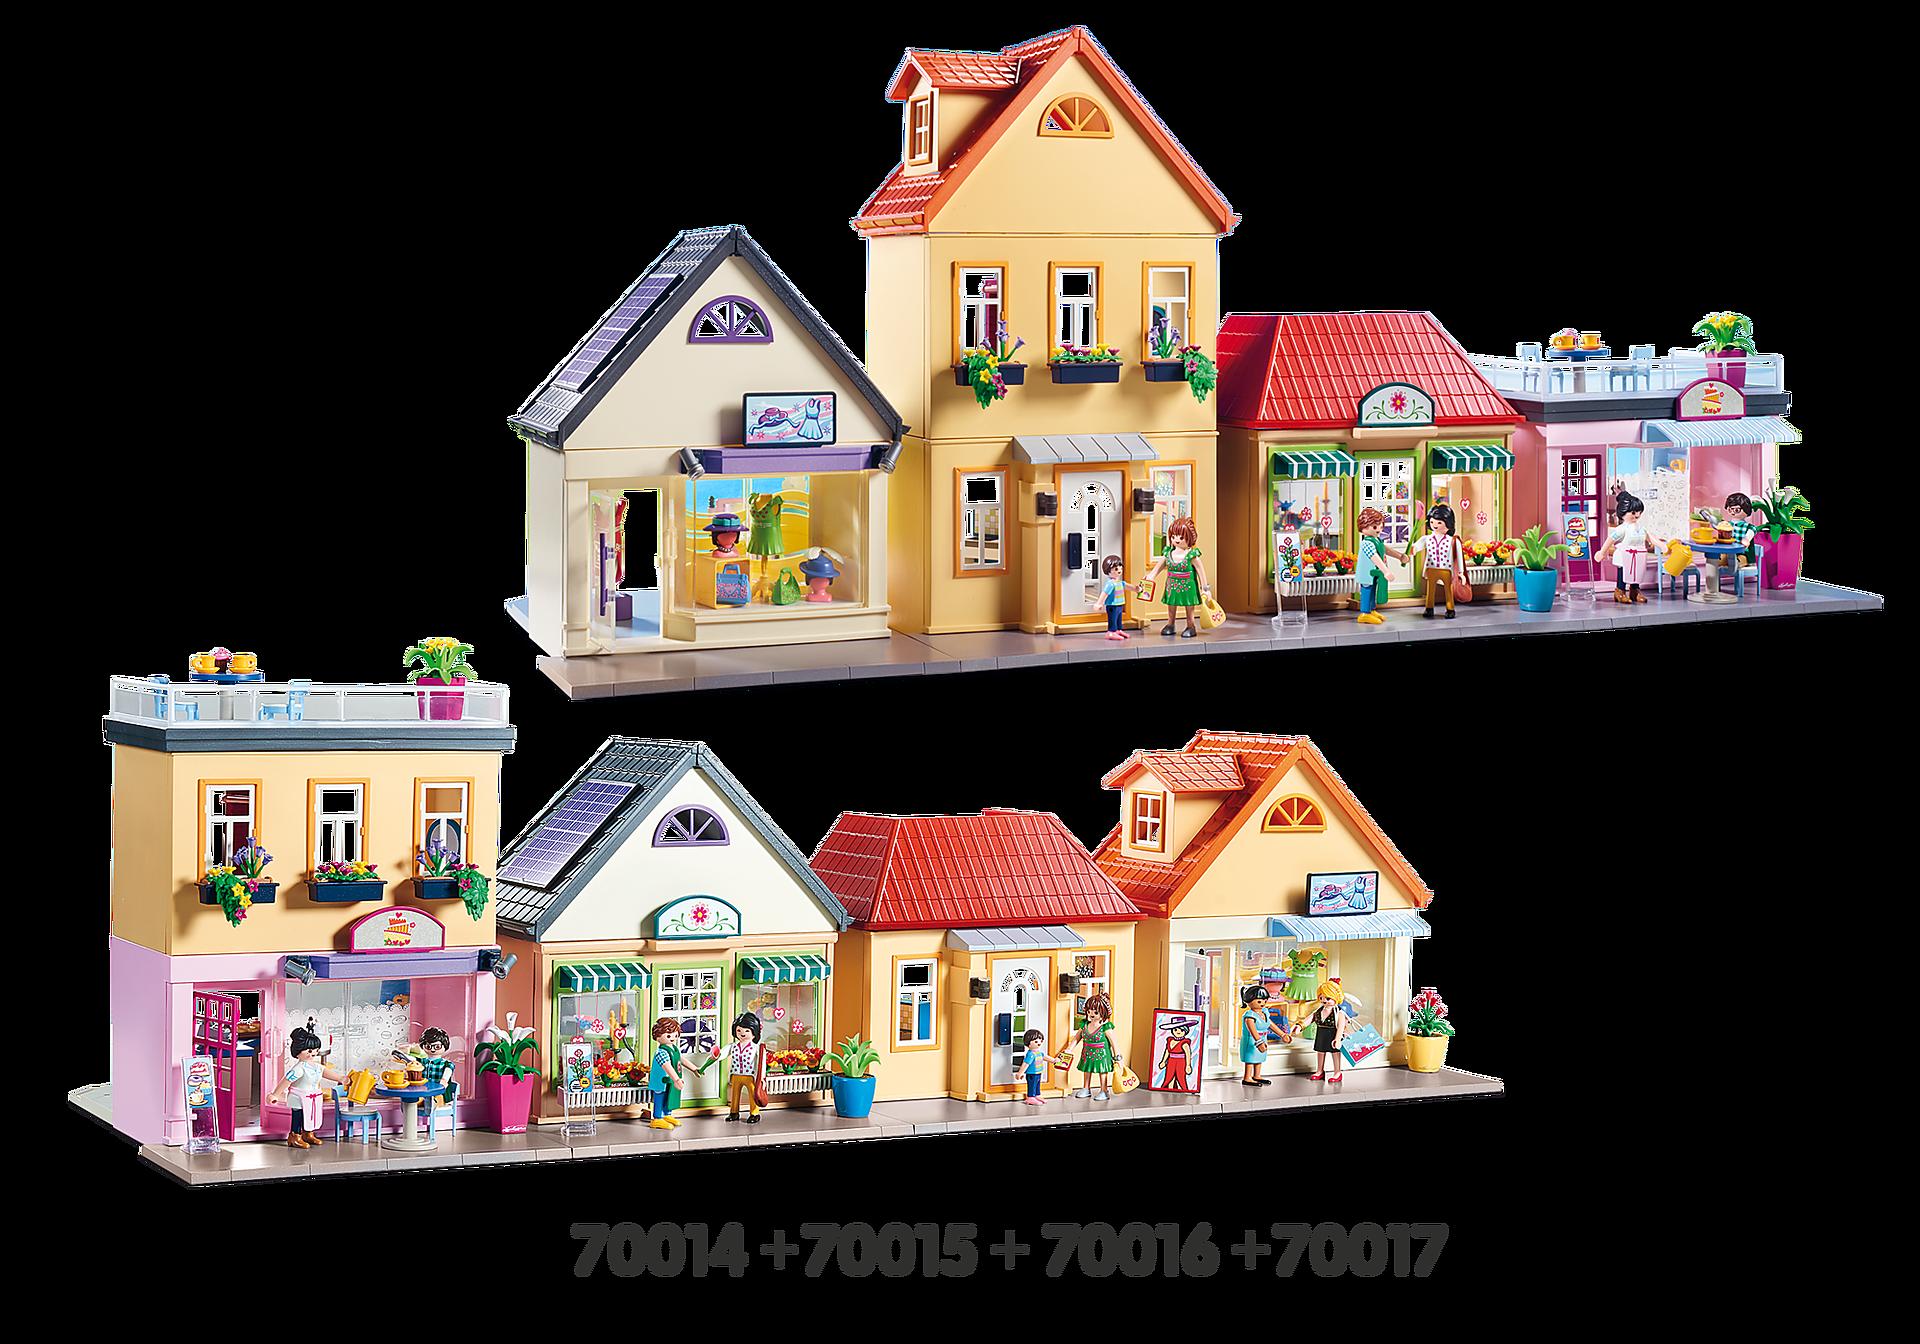 70014 Maison de ville zoom image8